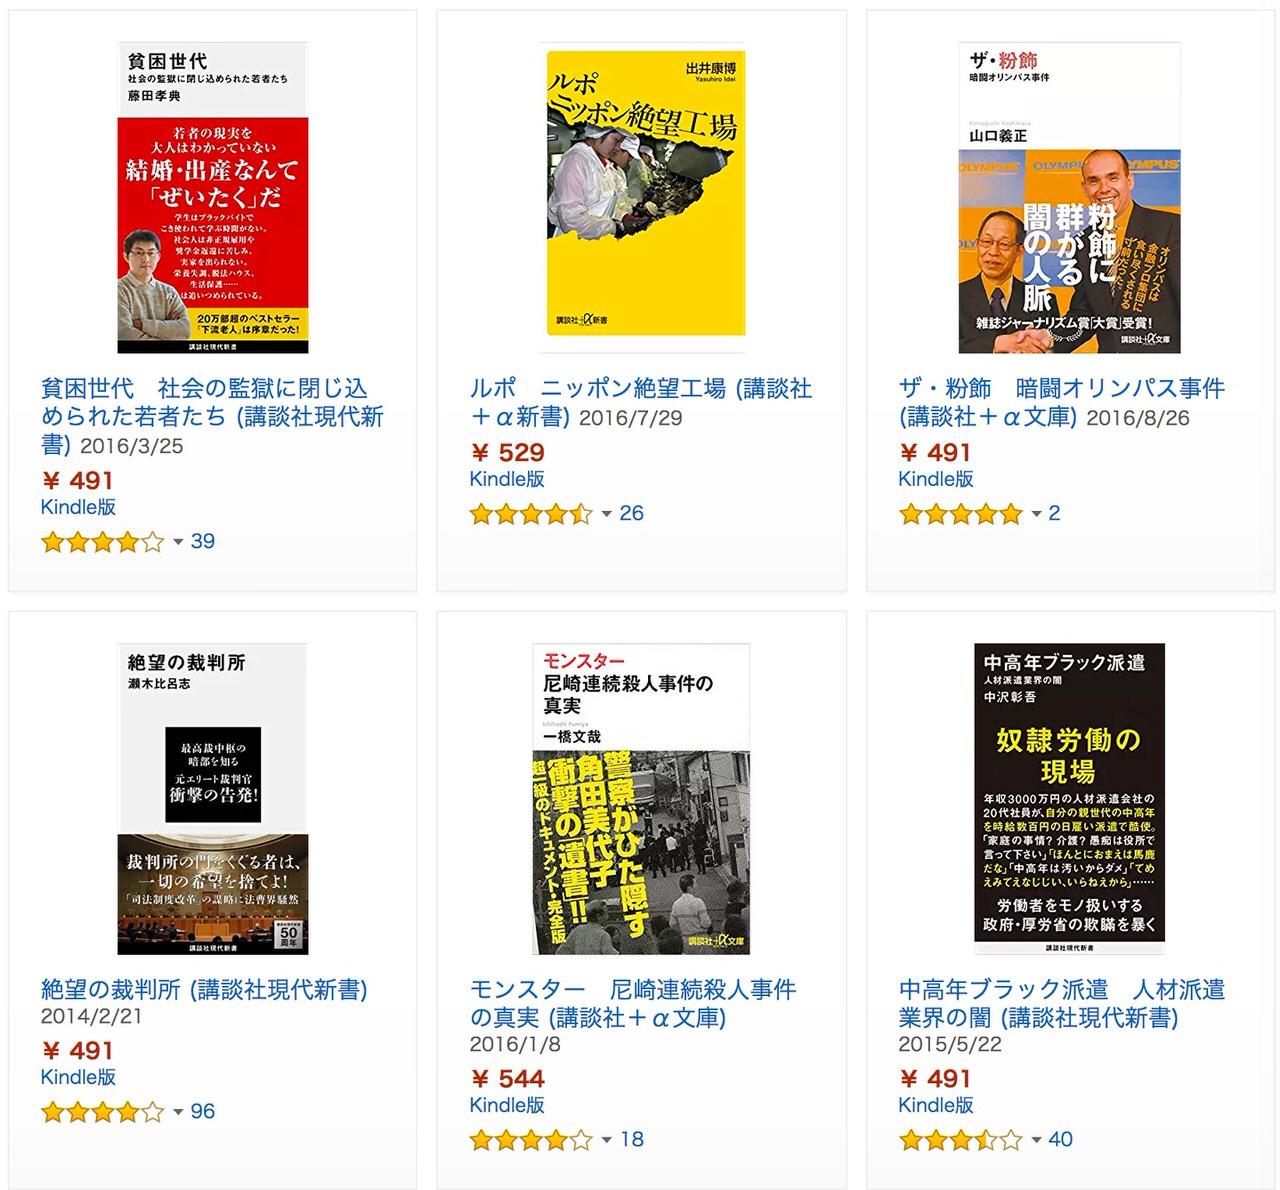 【30%オフ】Kindleであなたの知らないニッポンの「闇」特集(2月2日まで)